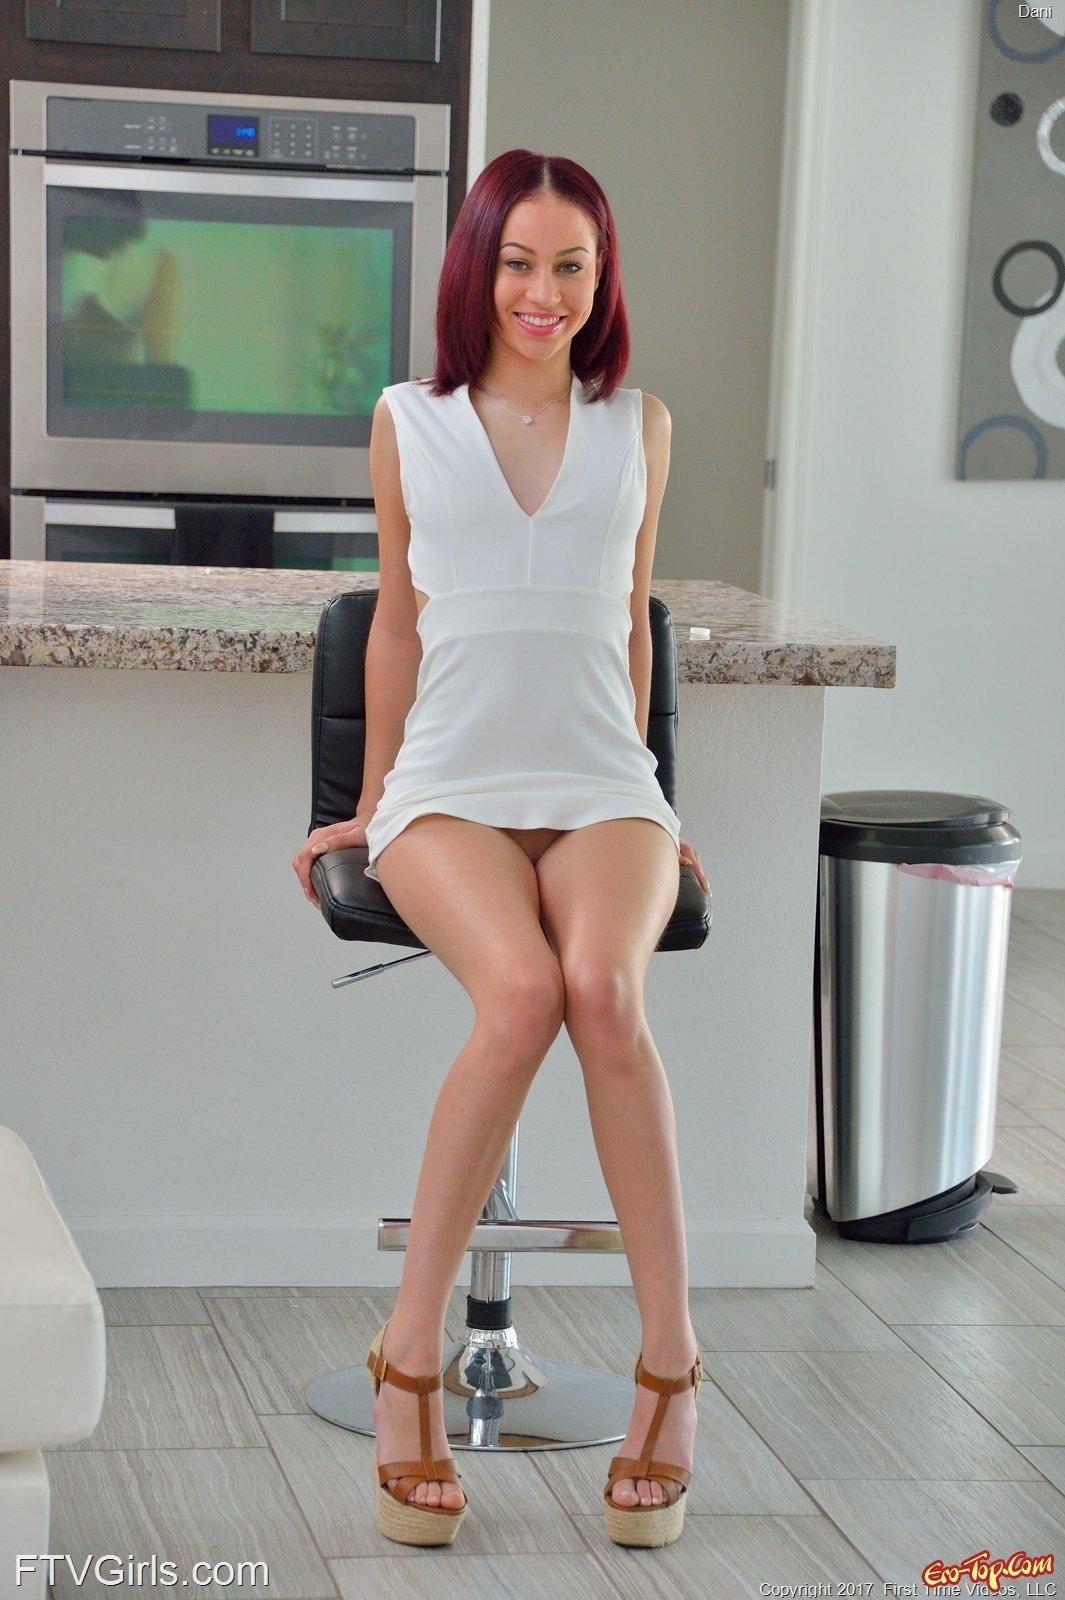 Соблазнительная модель стягивает платье в домашних условиях